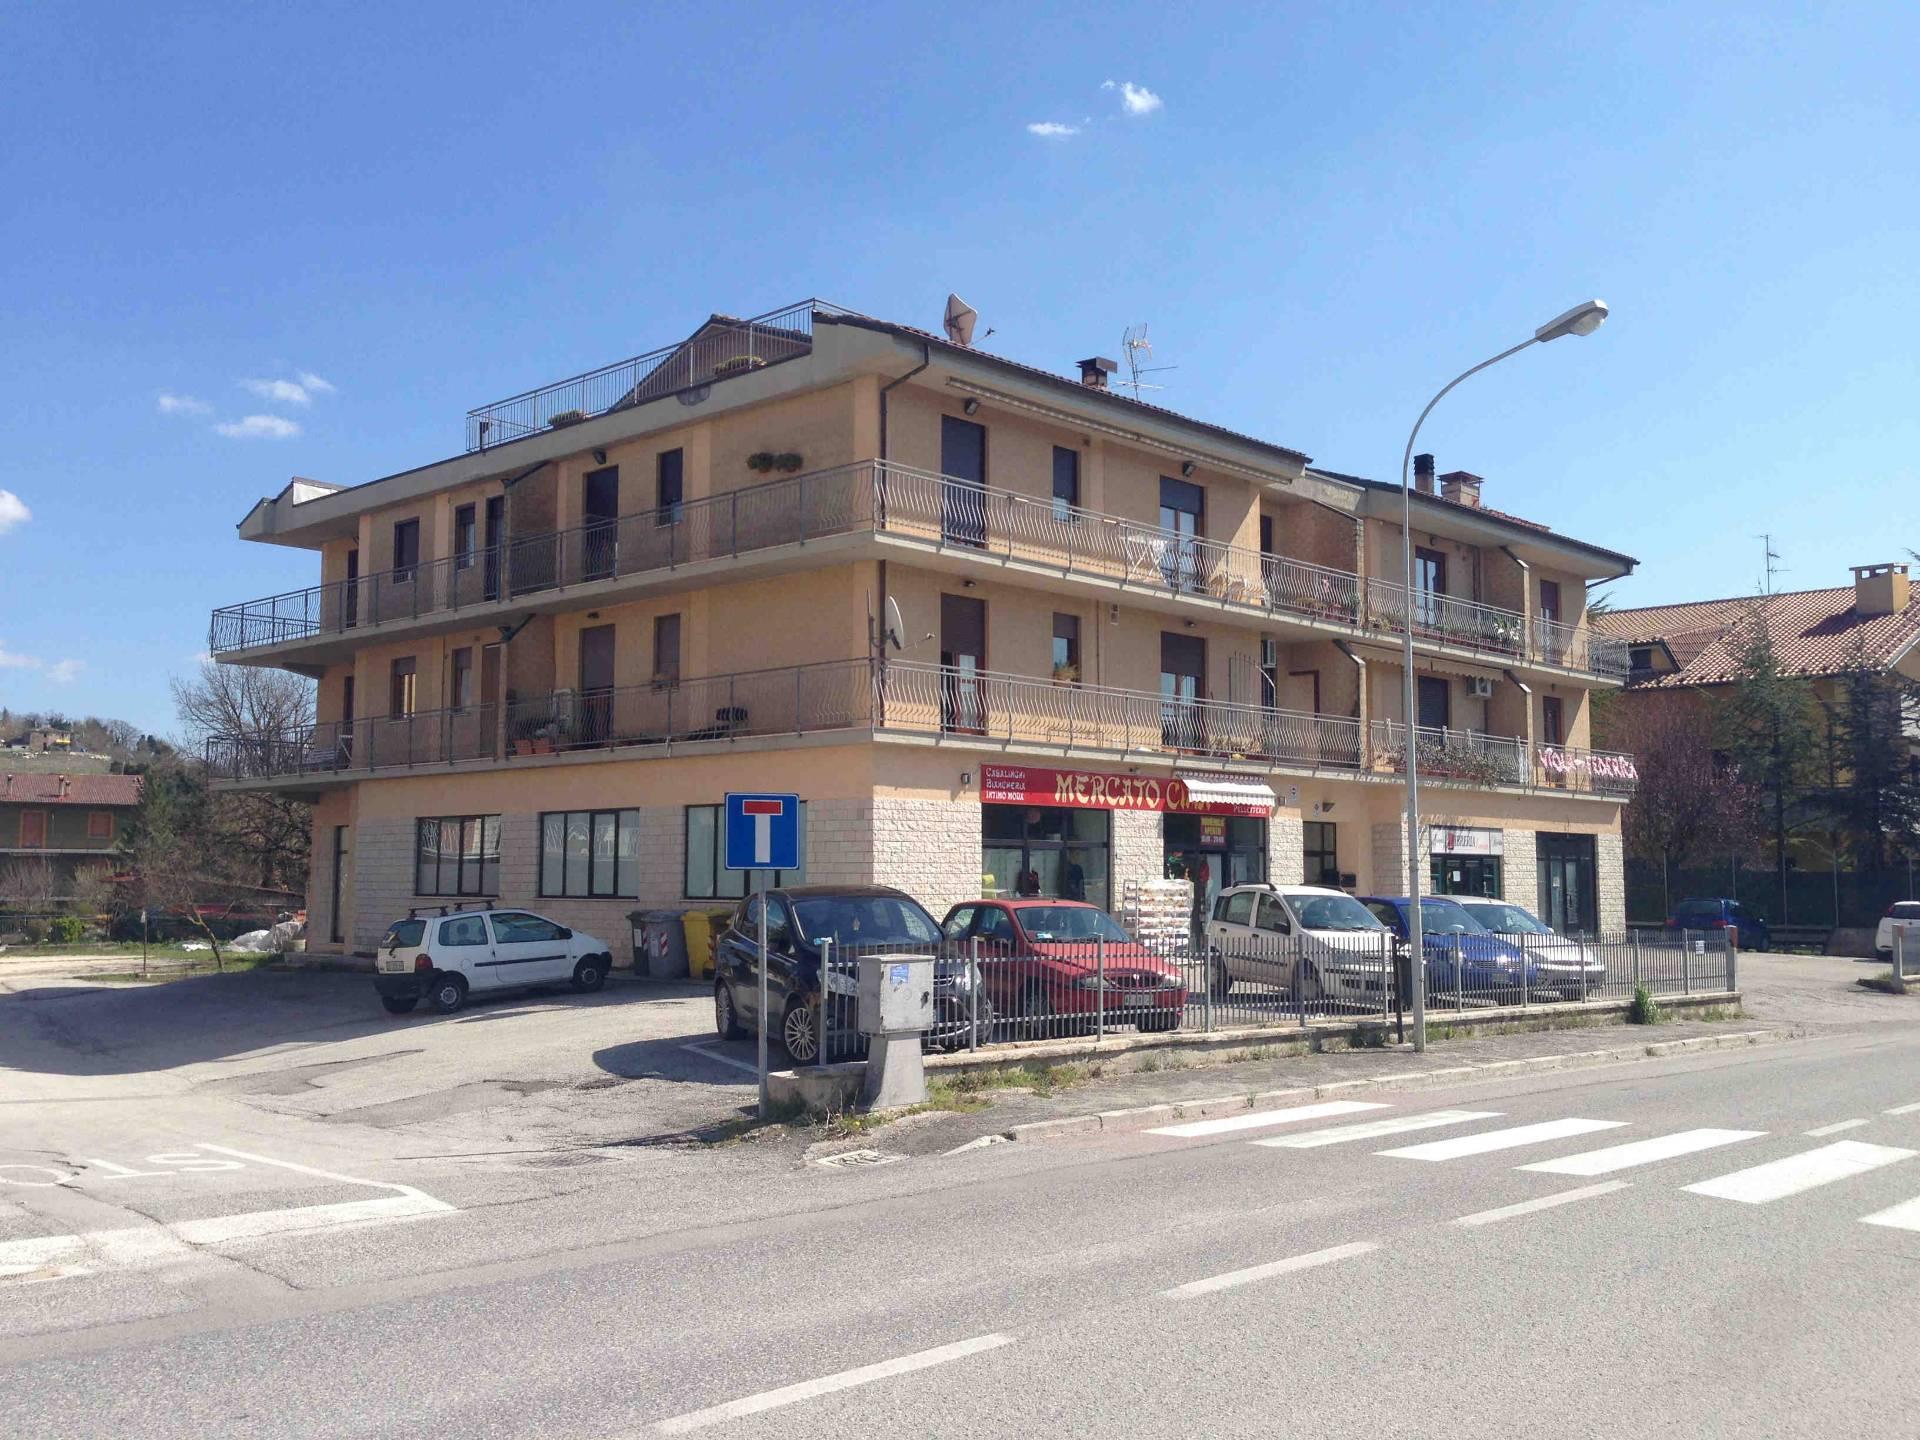 Appartamento in vendita a Sassoferrato, 7 locali, Trattative riservate | Cambio Casa.it